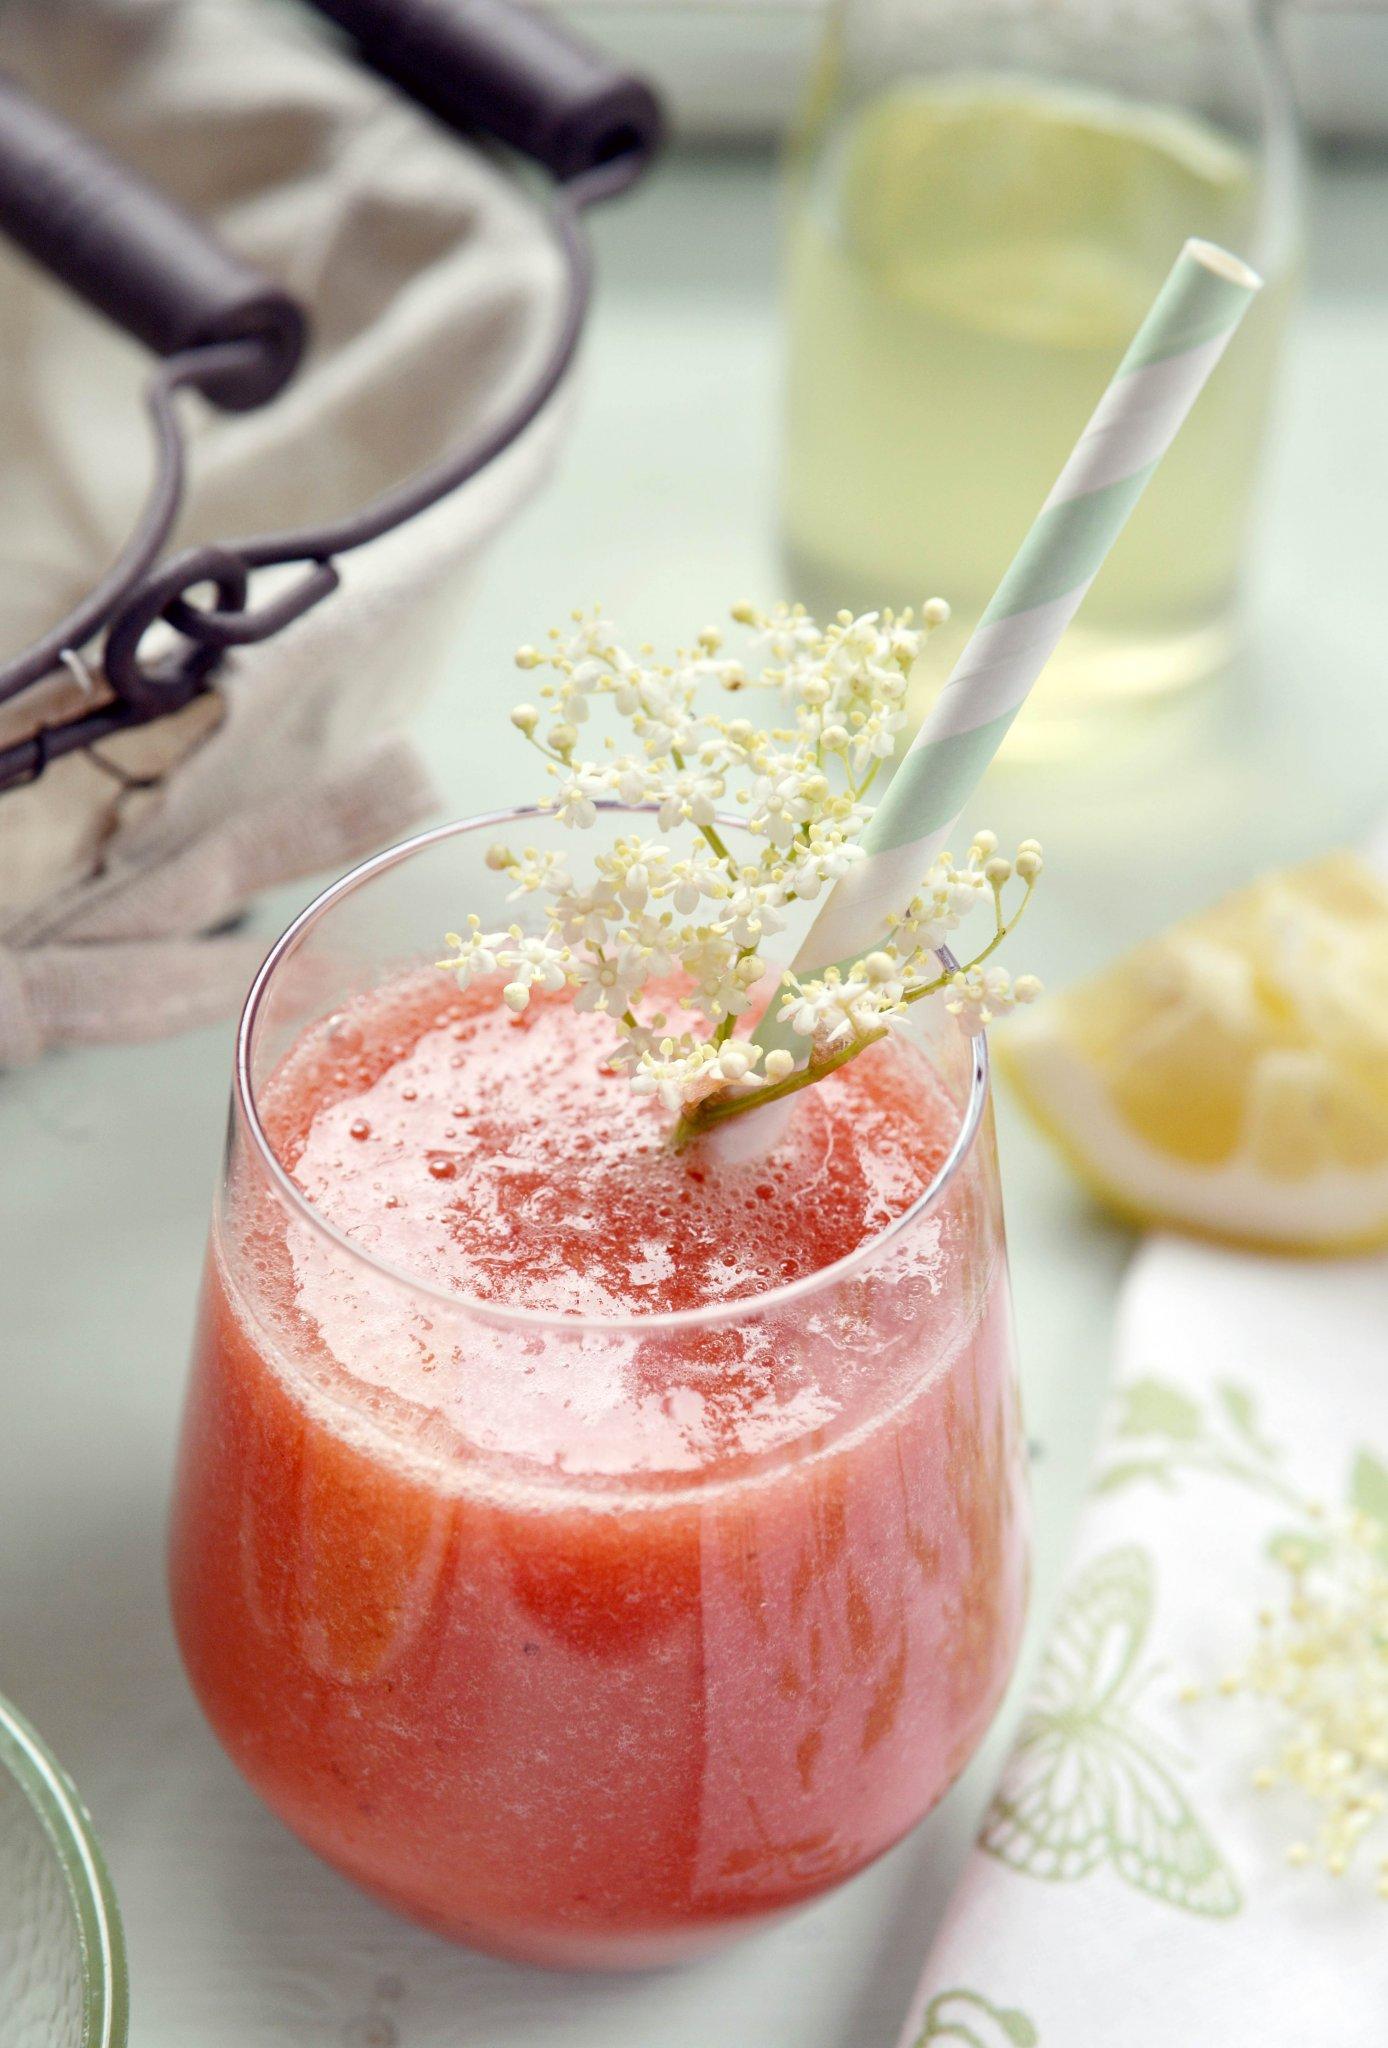 smoothie - alma-eper bodza1